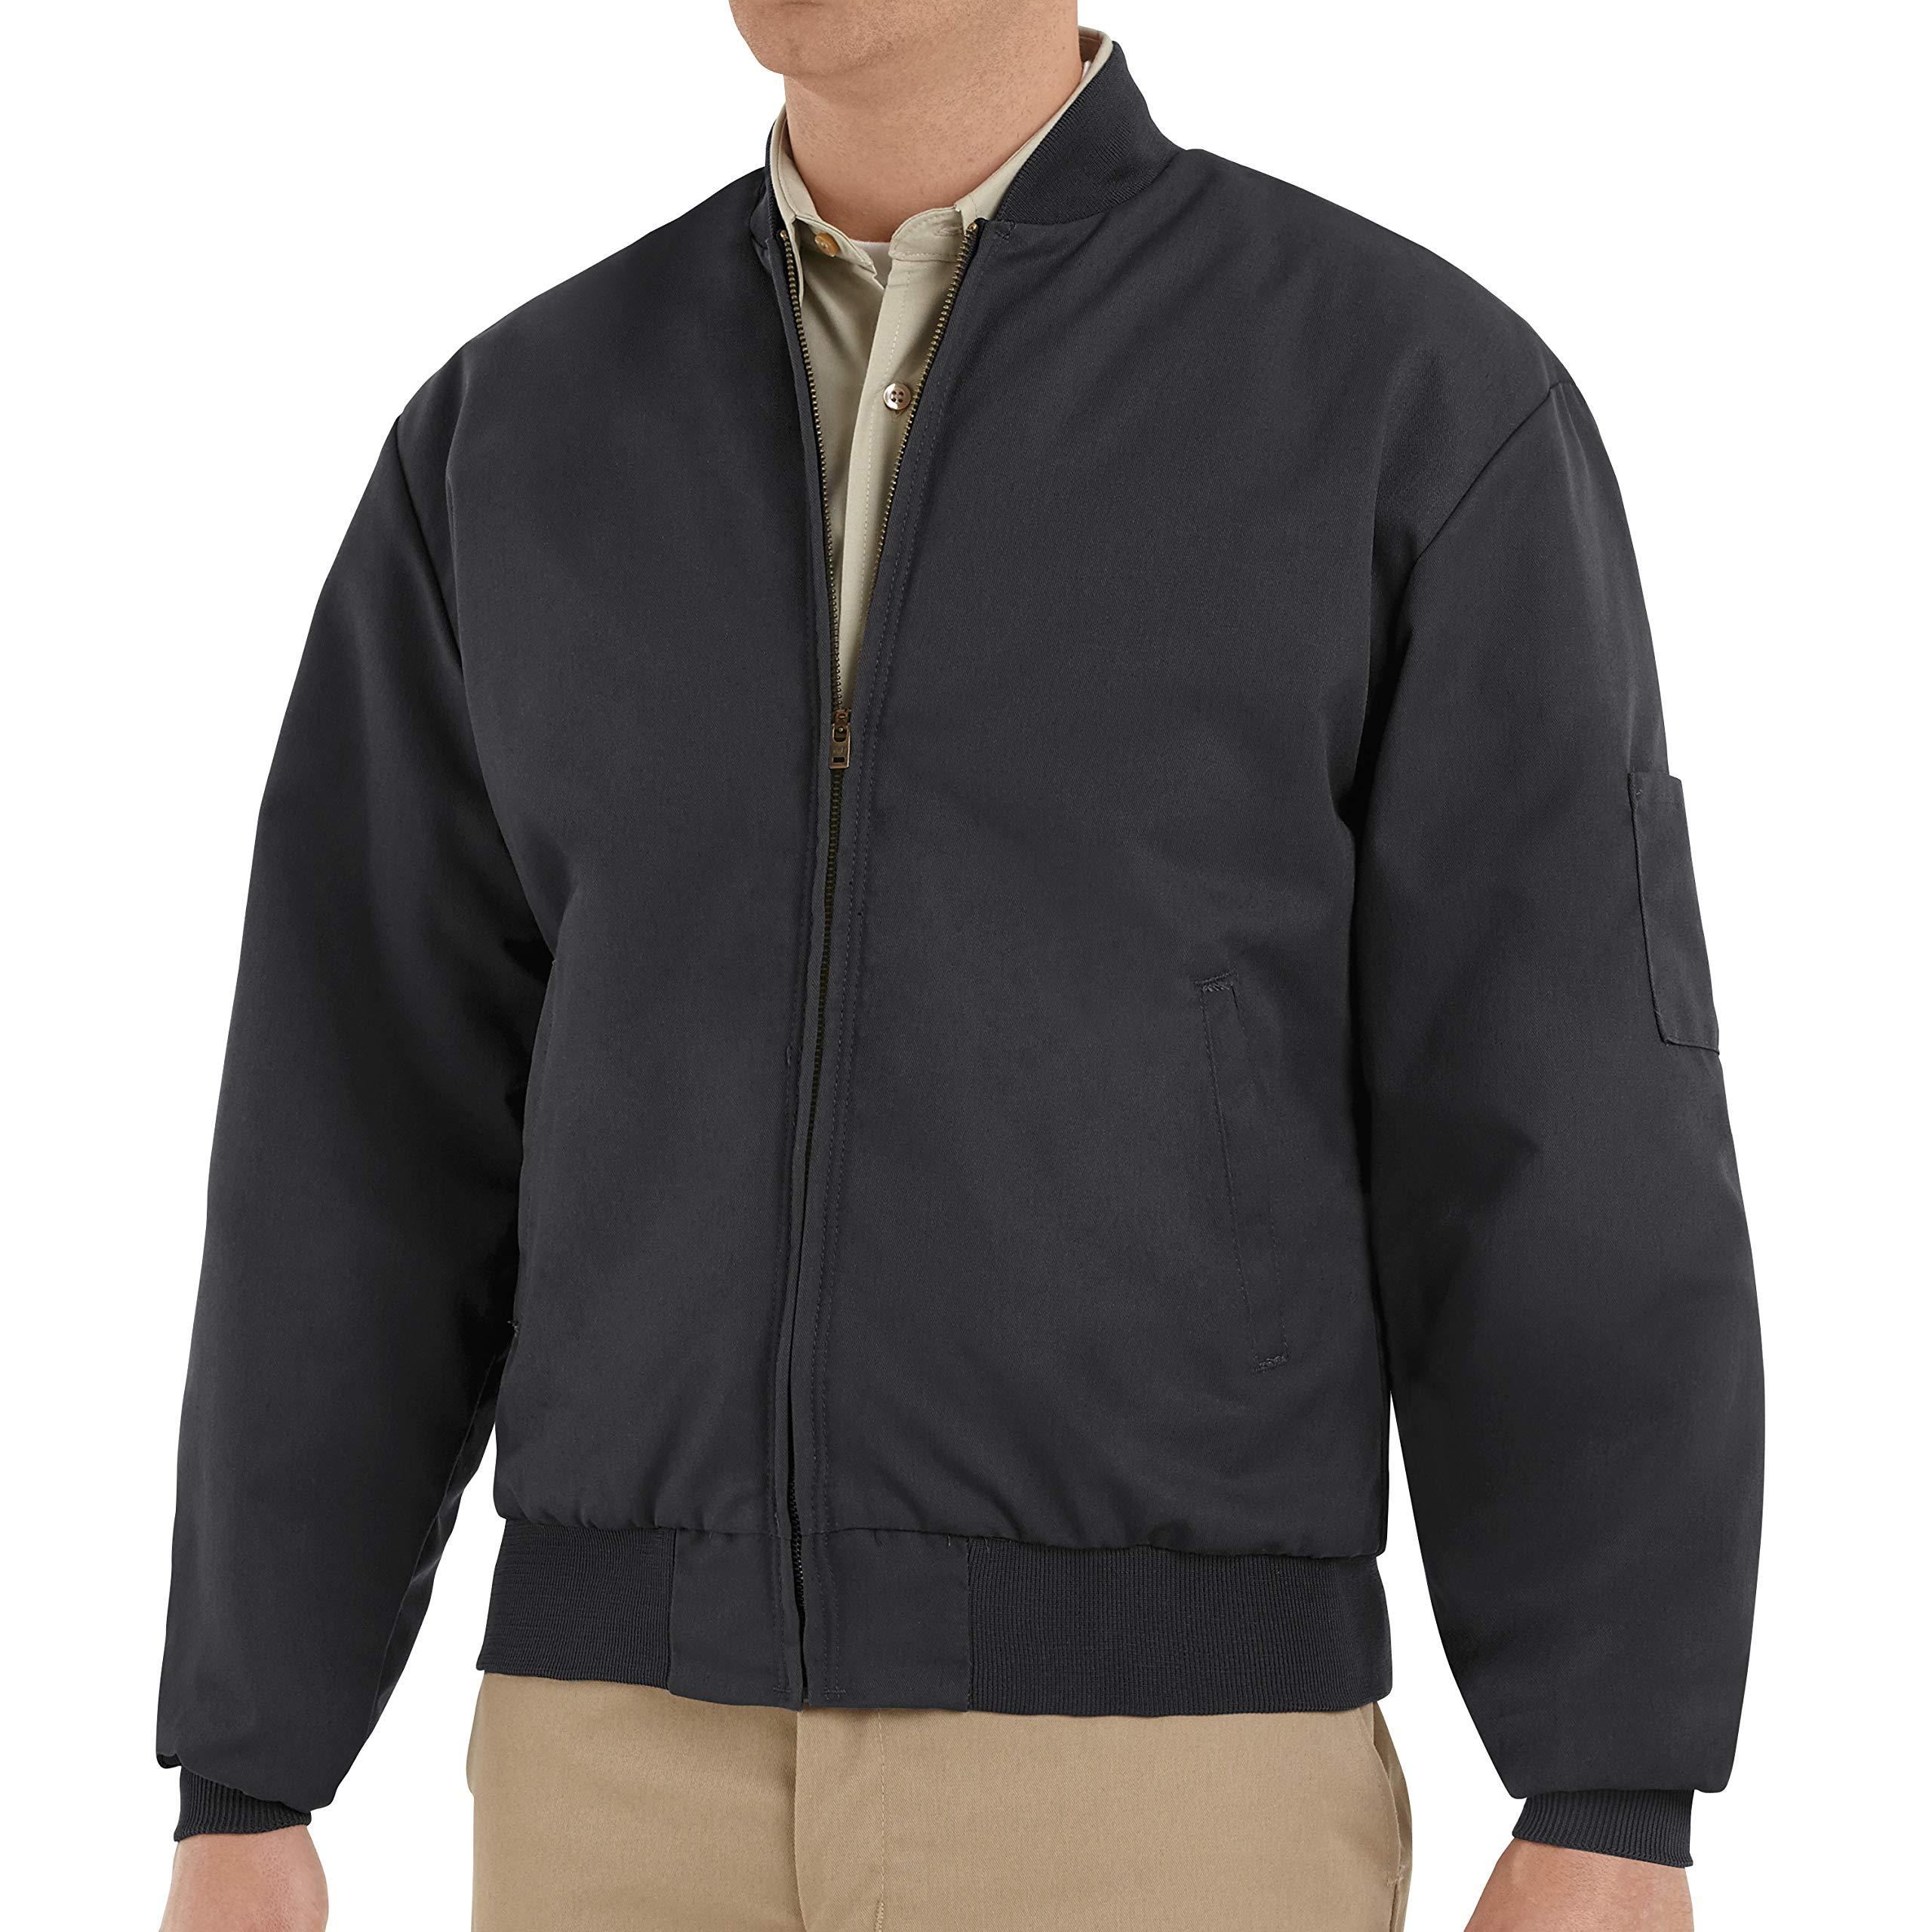 Red Kap Men's Solid Team Jacket